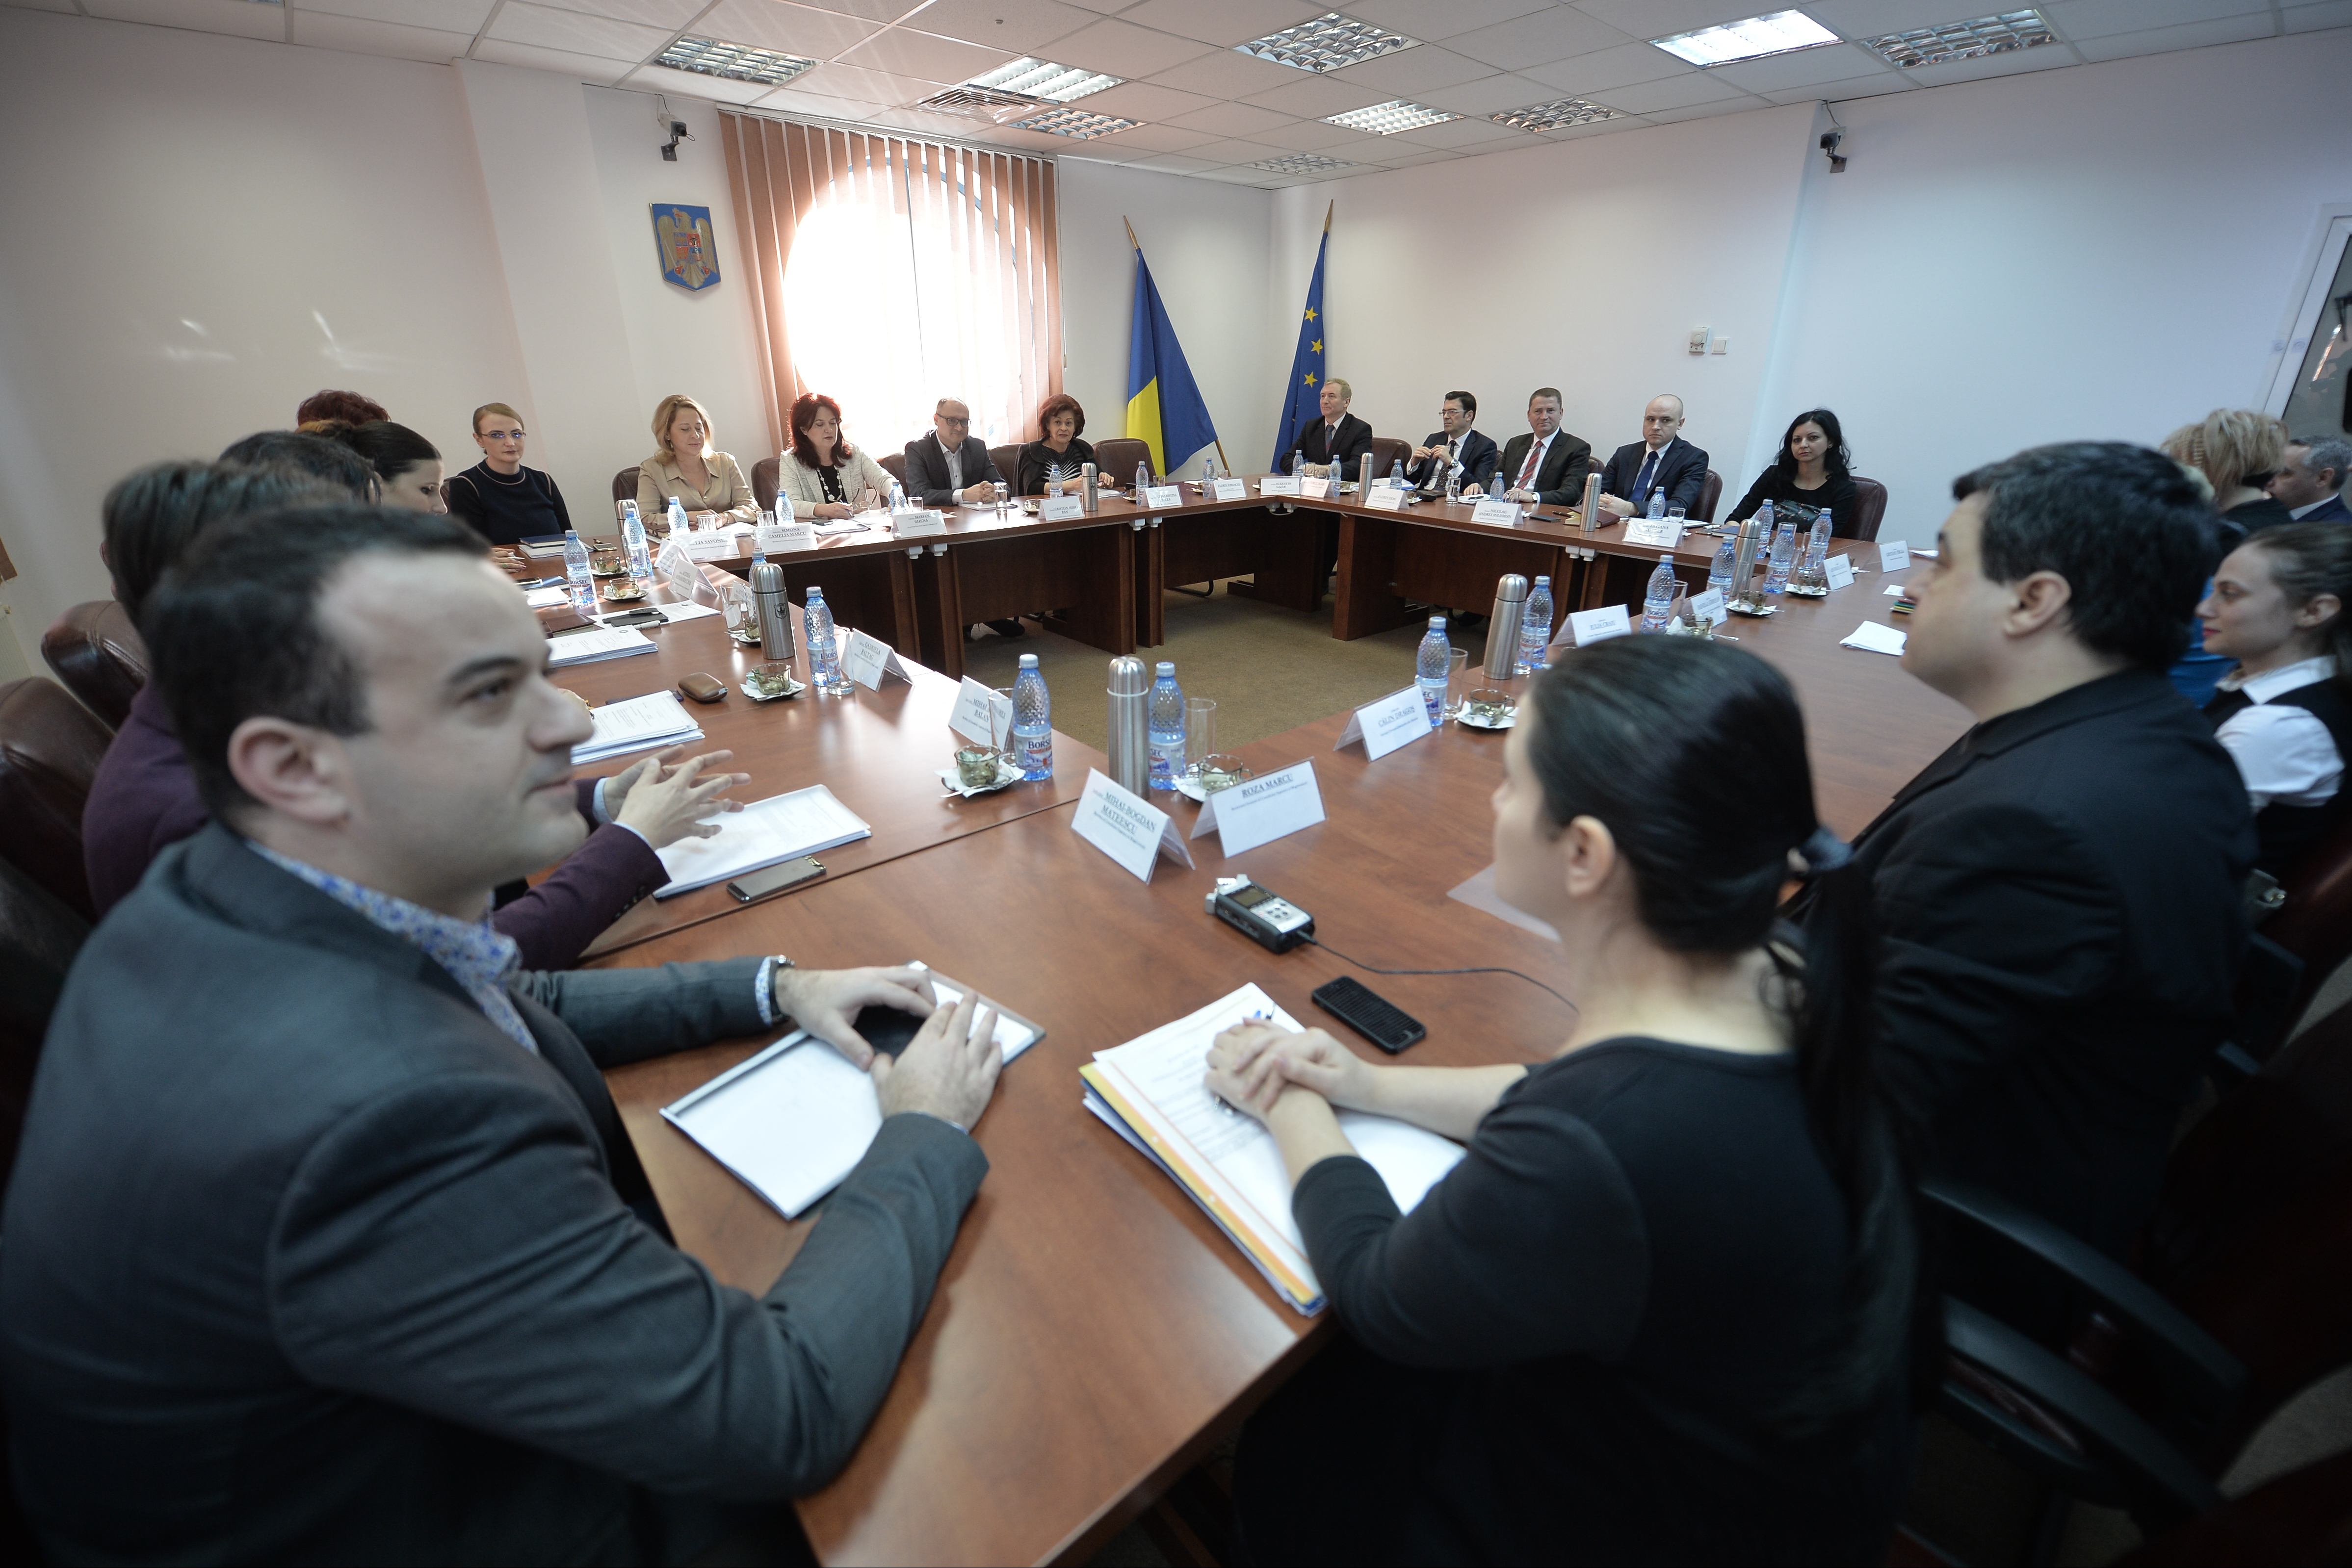 Judecătorul CSM Bogdan Mateescu, replică pentru membrii care au dat aviz pozitiv: Intrăm într-o zonă de naivitate